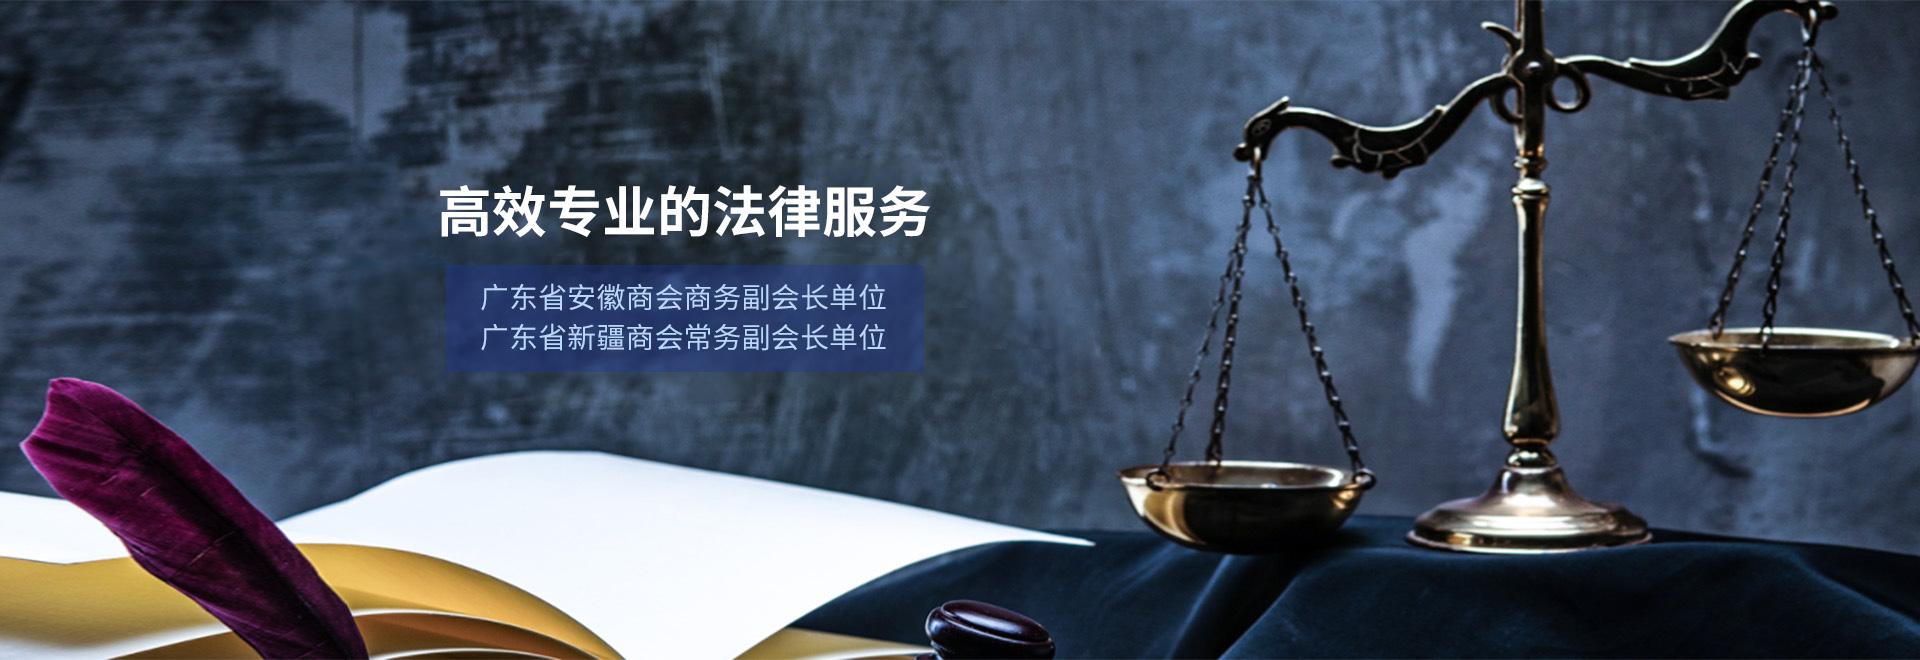 佛山法律咨询